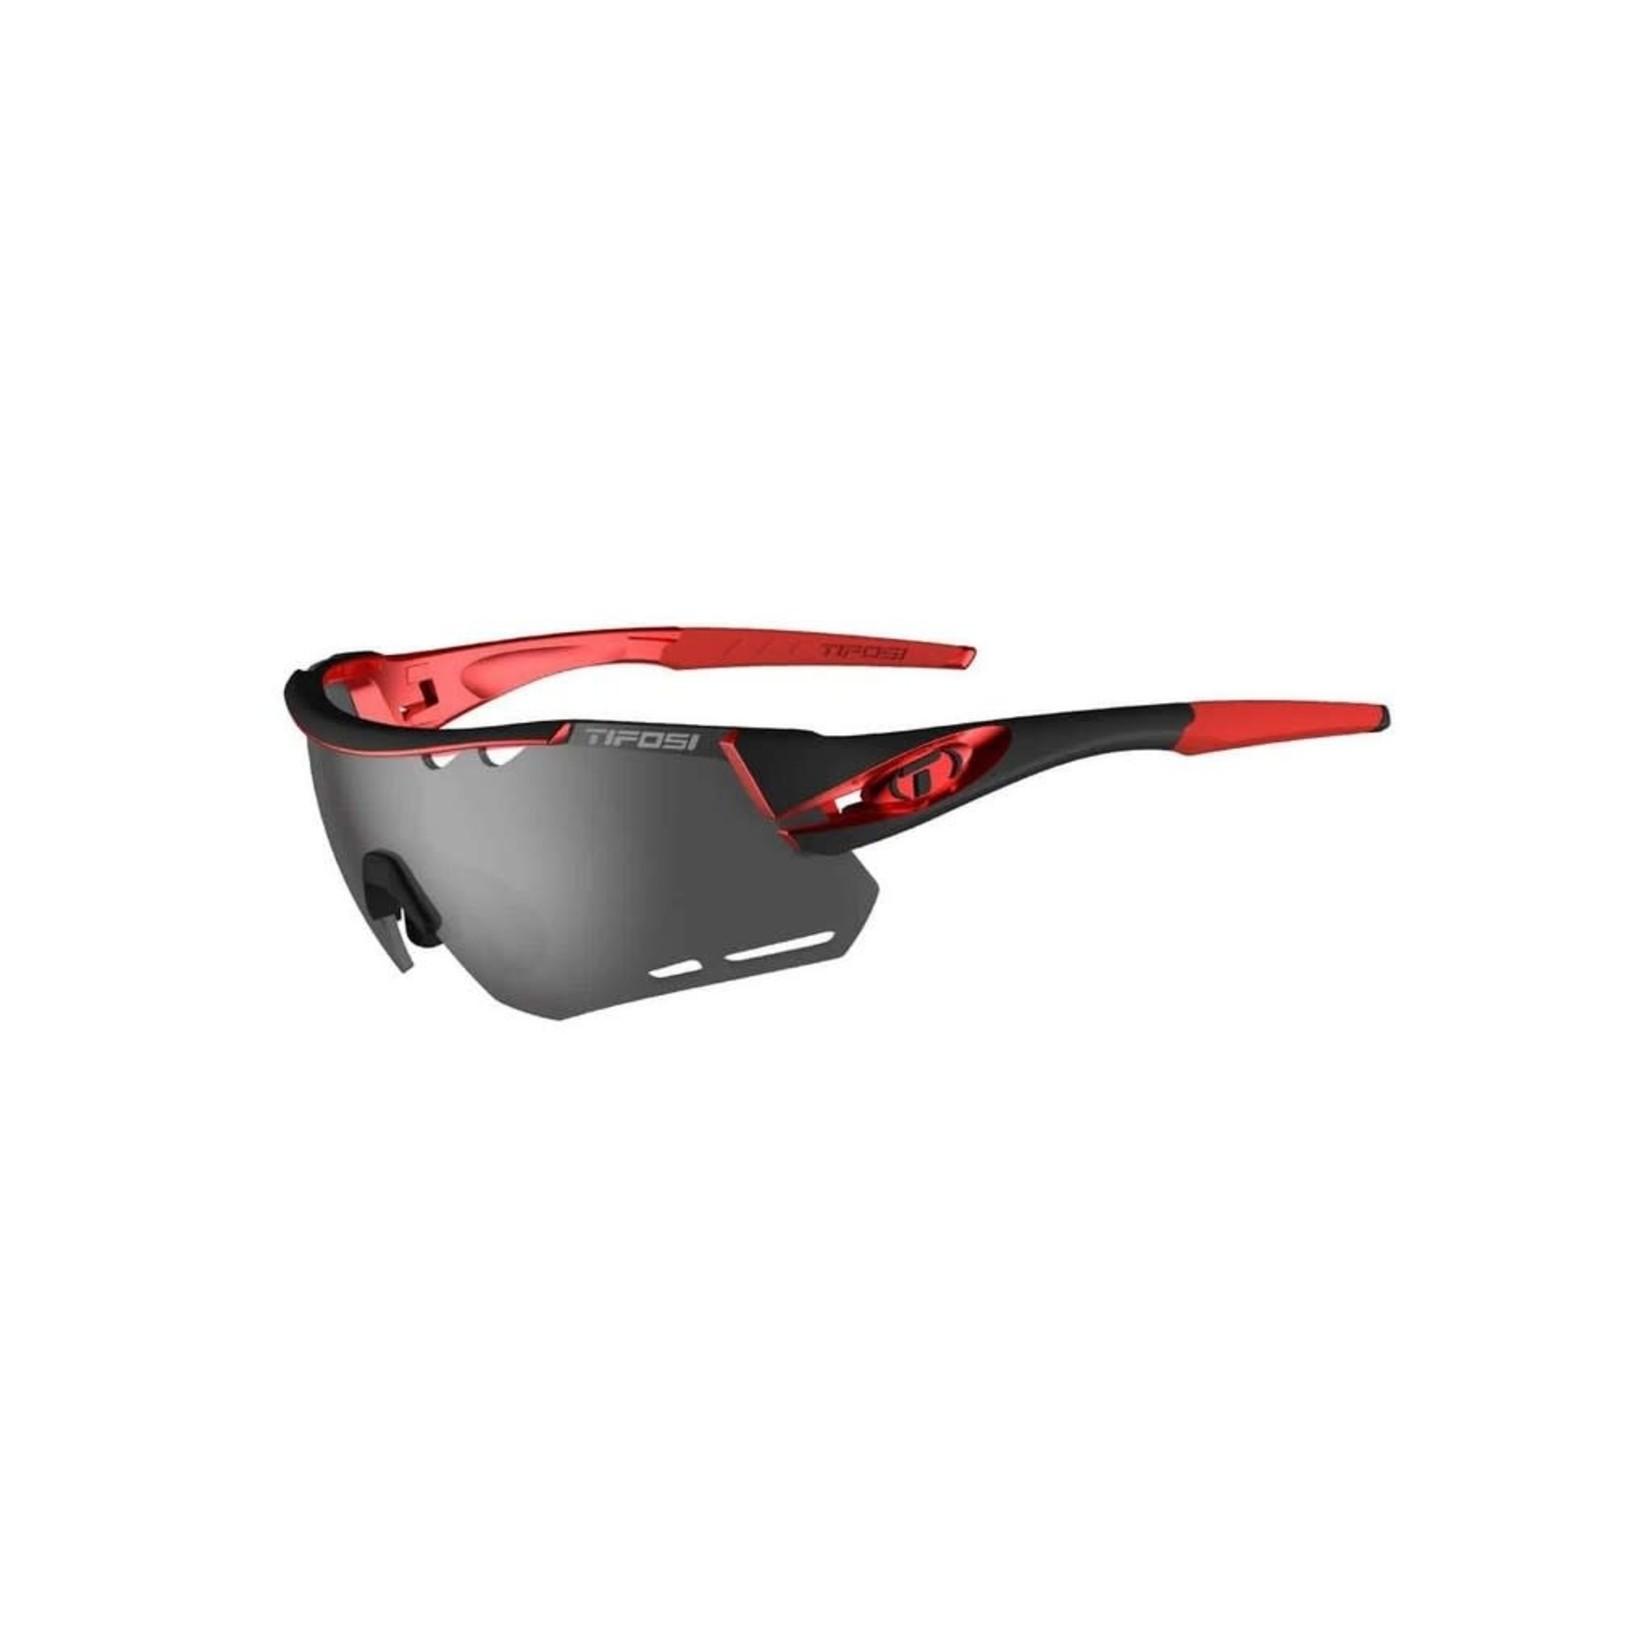 TIFOSI OPTICS Sunglasses Tifosi Alliant Black/Red